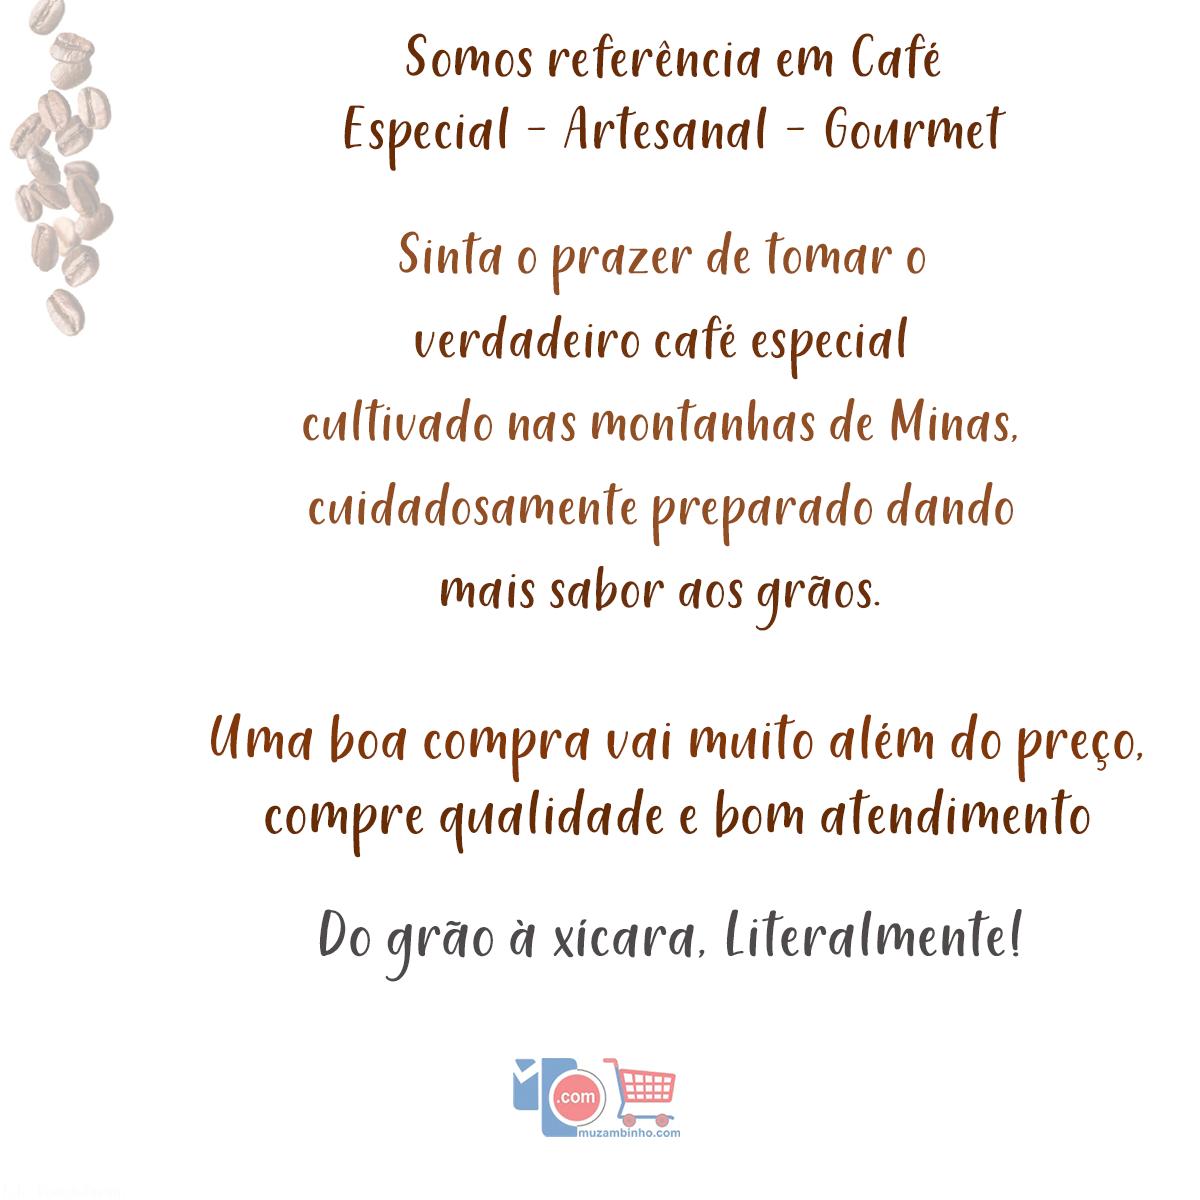 Café Maeg Torrado e Moído 500Gr. 100% Arábica Artesanal